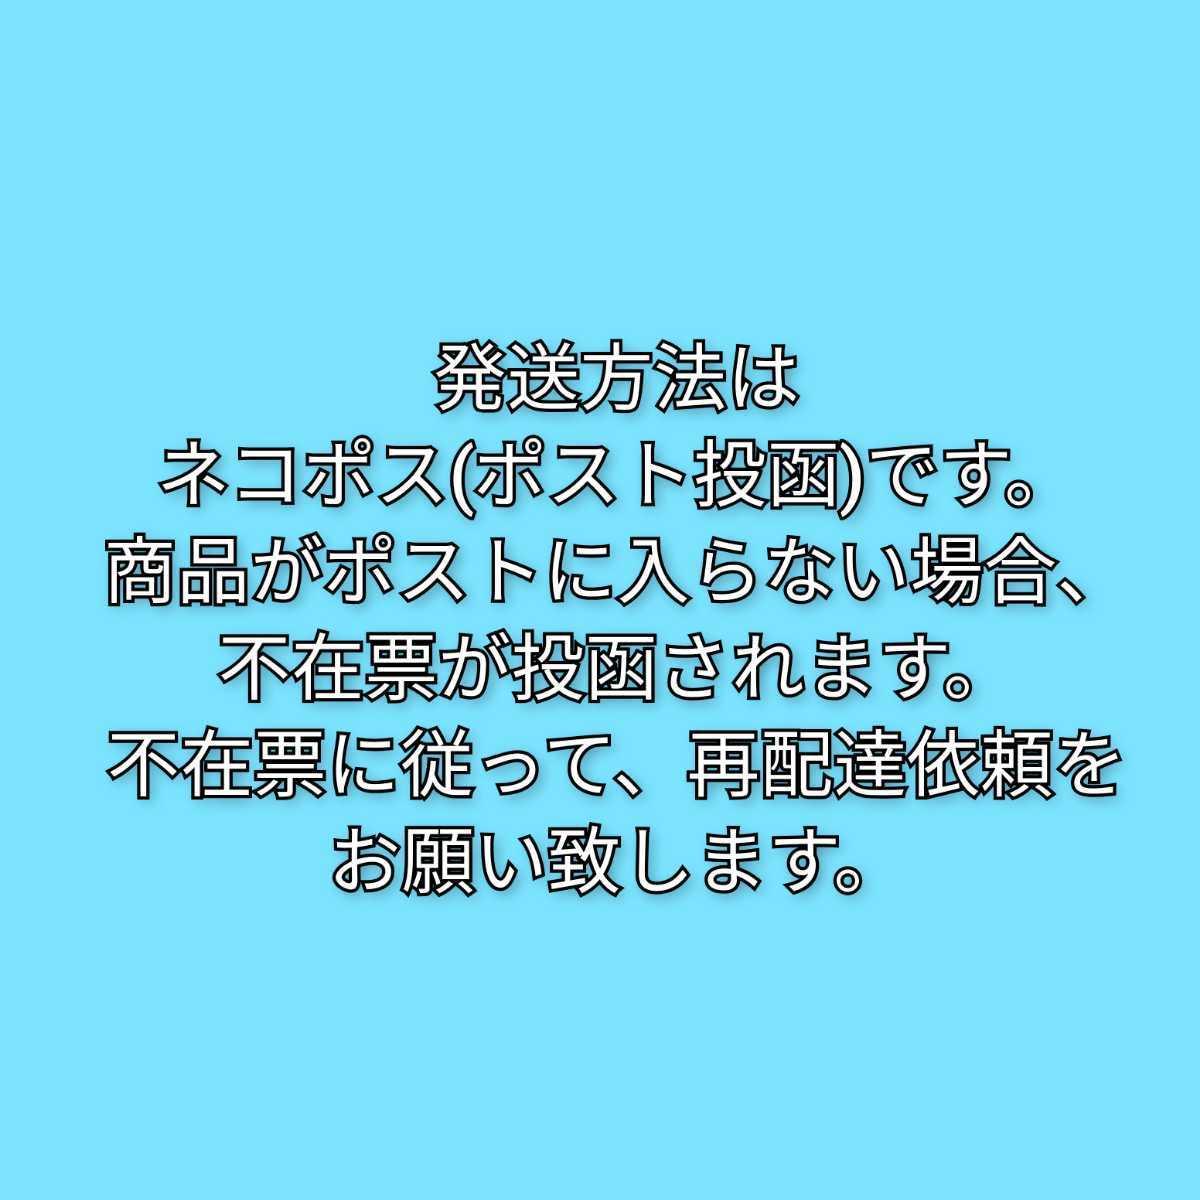 ブレンドフォルテシモ 20袋 澤井珈琲 ドリップコーヒー 通販 ③ 送料無料_画像3